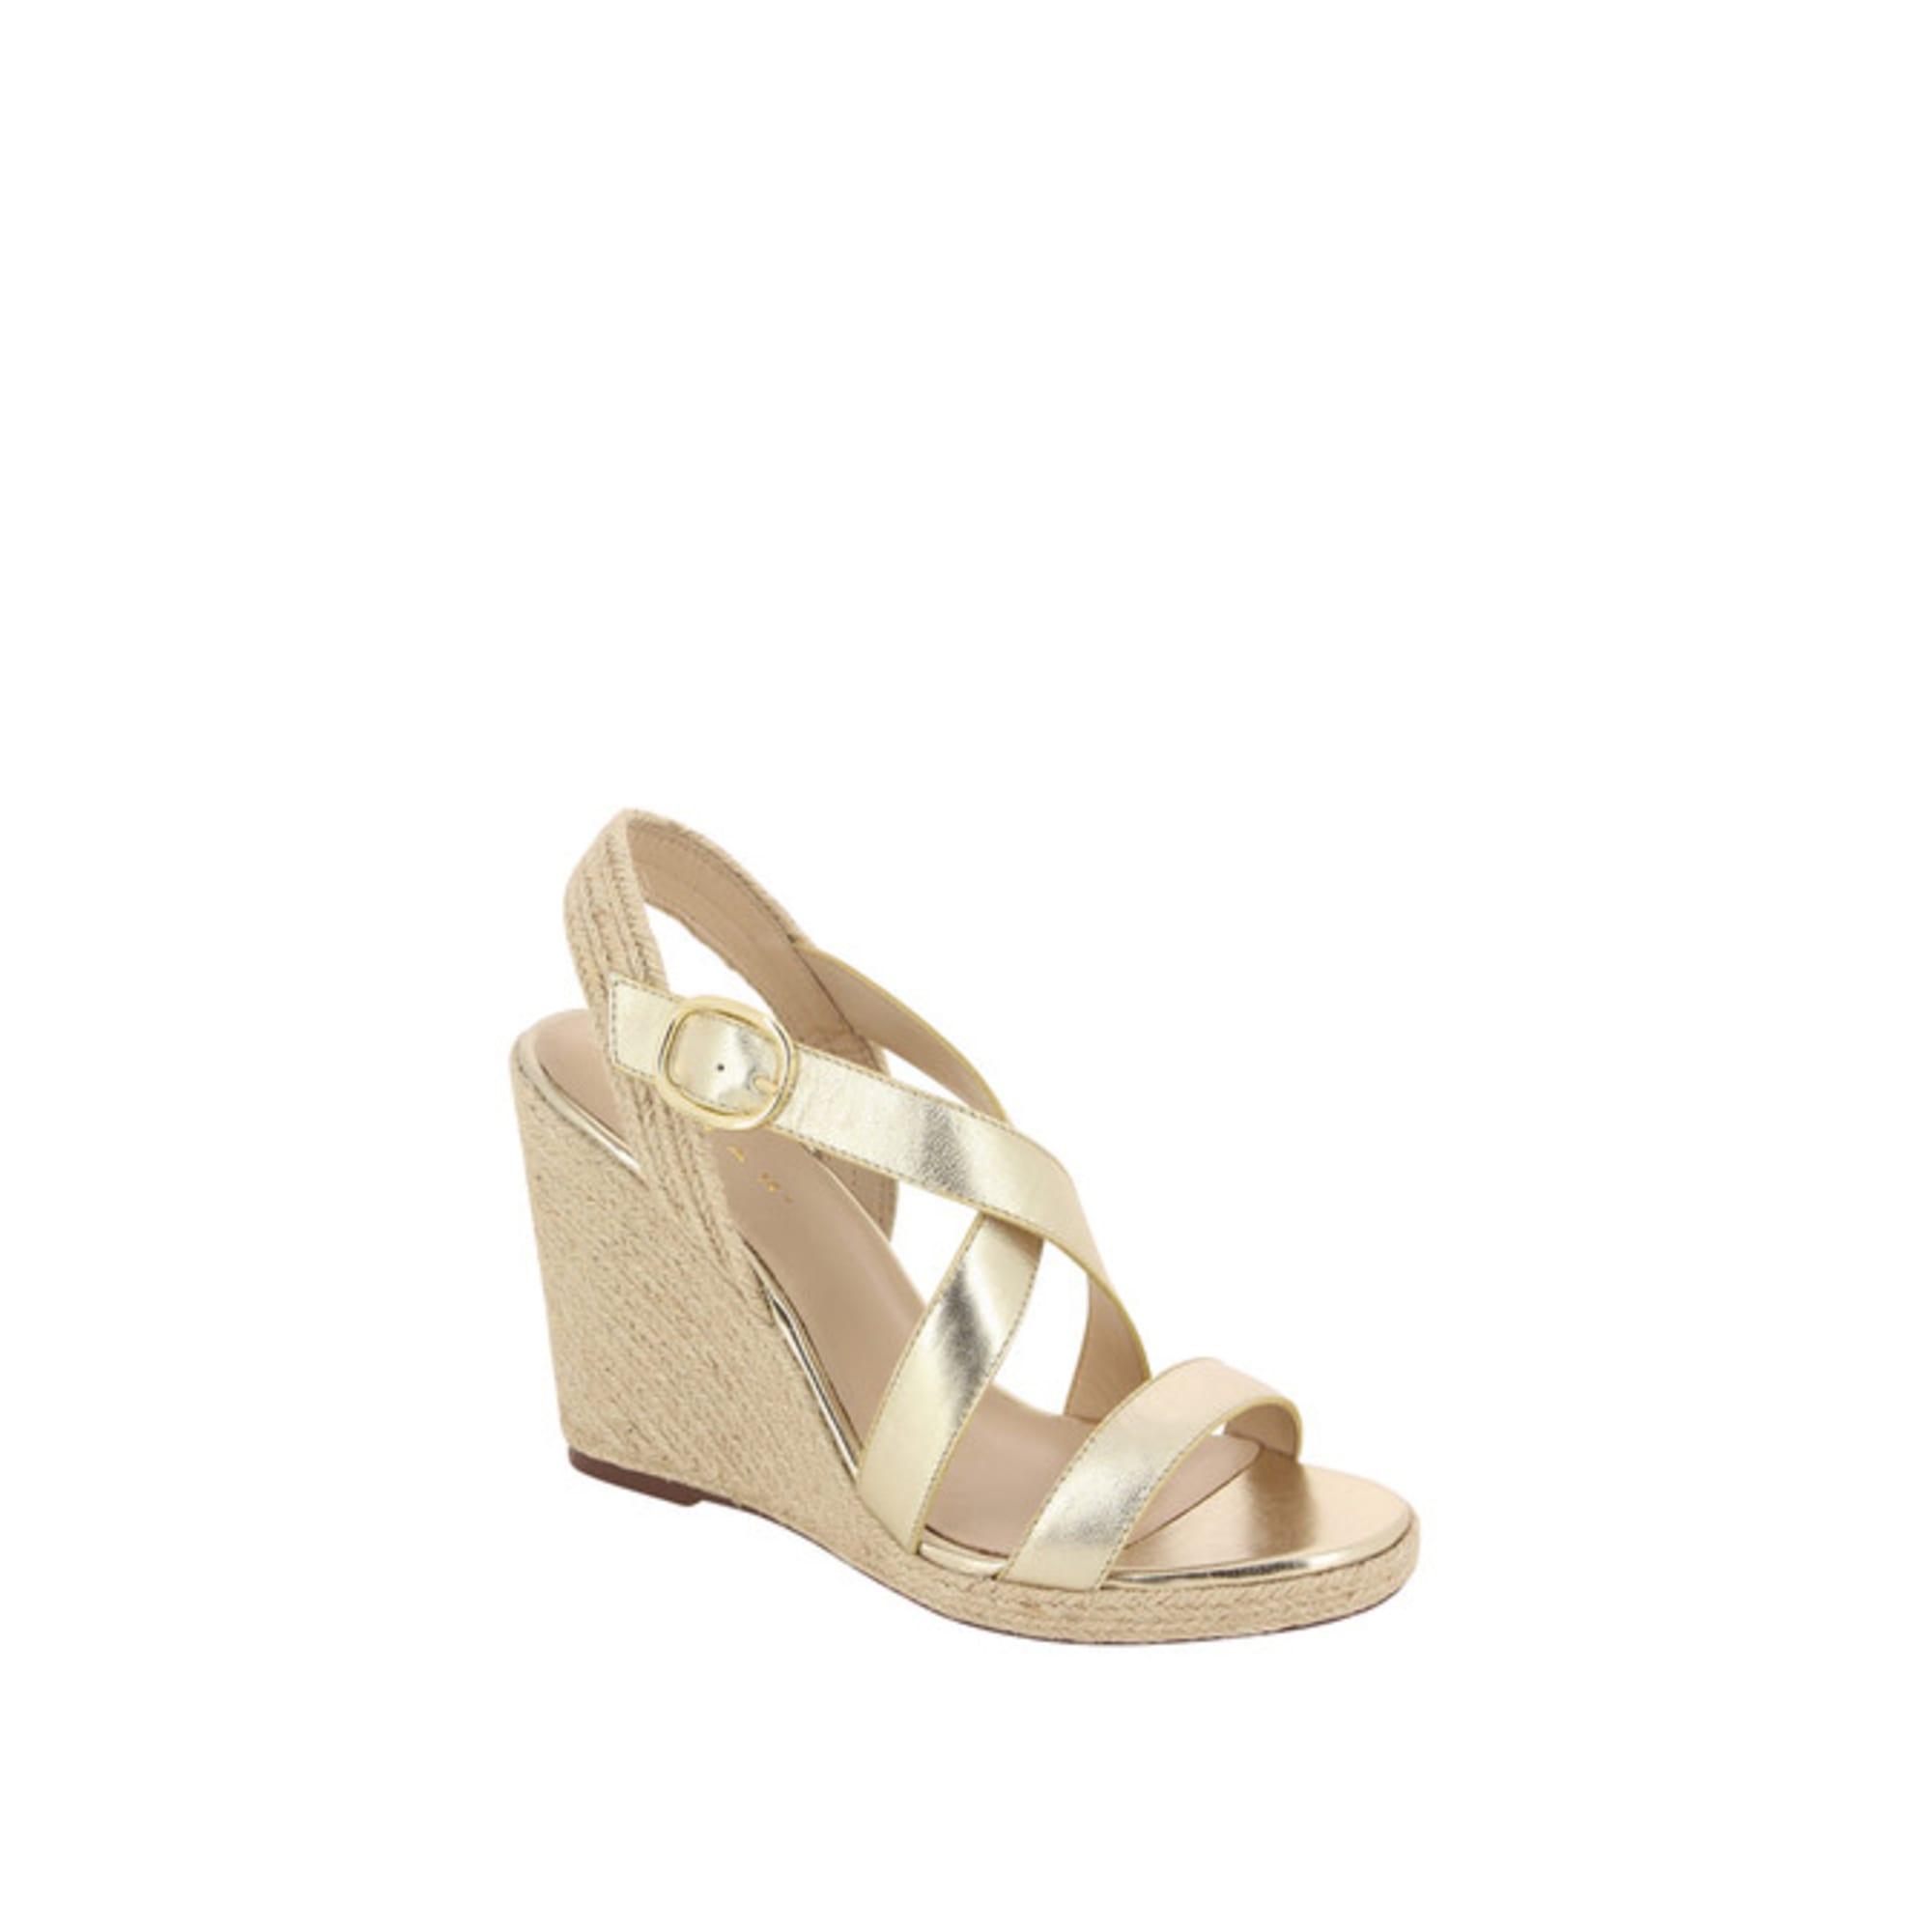 Sandales compensées JONAK 38 doré 6627204